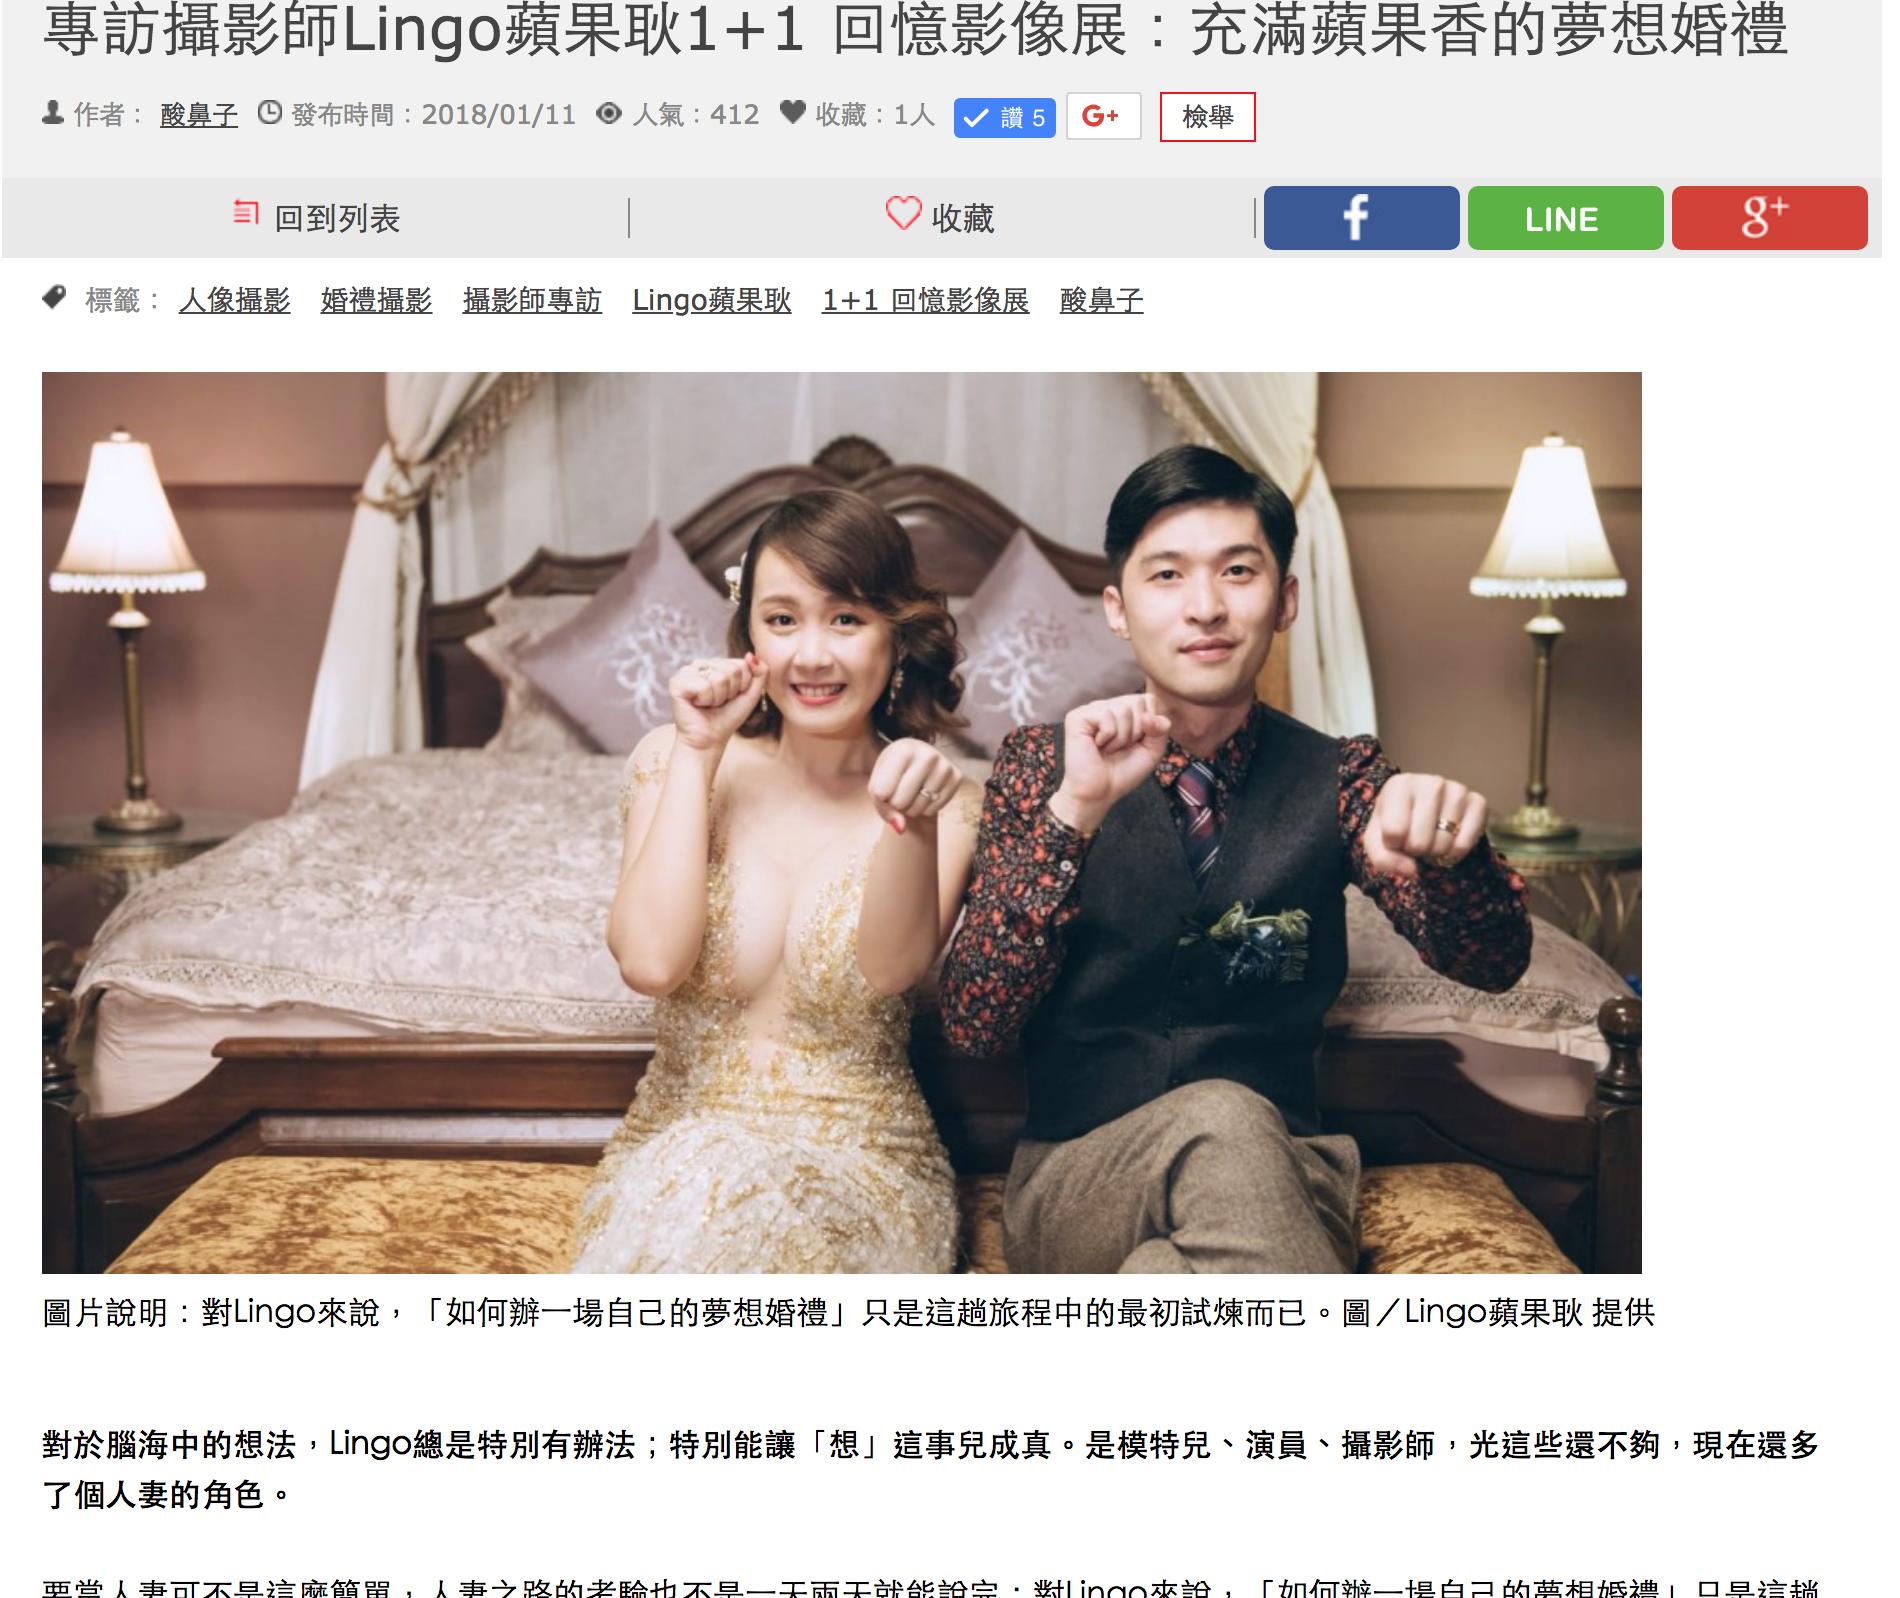 婚禮企劃欣攝影專訪